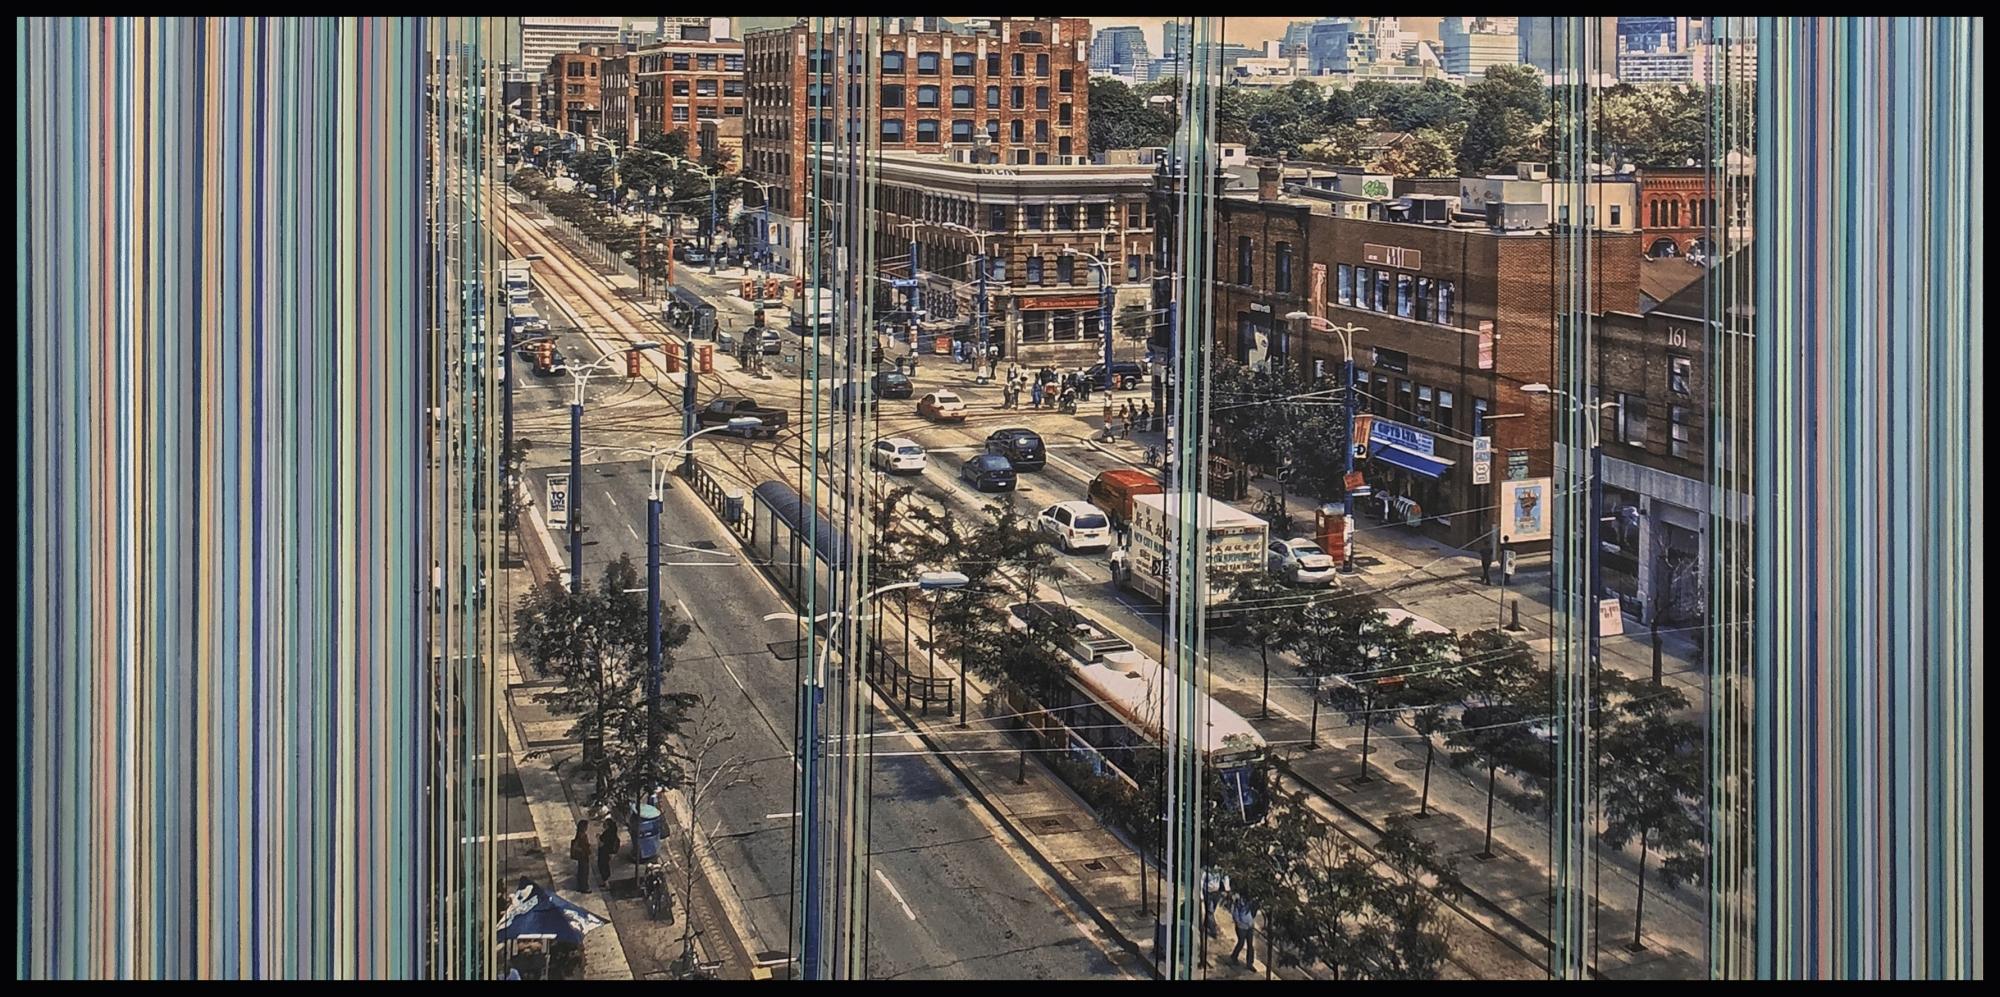 My City: 355  by Jamie MacRae